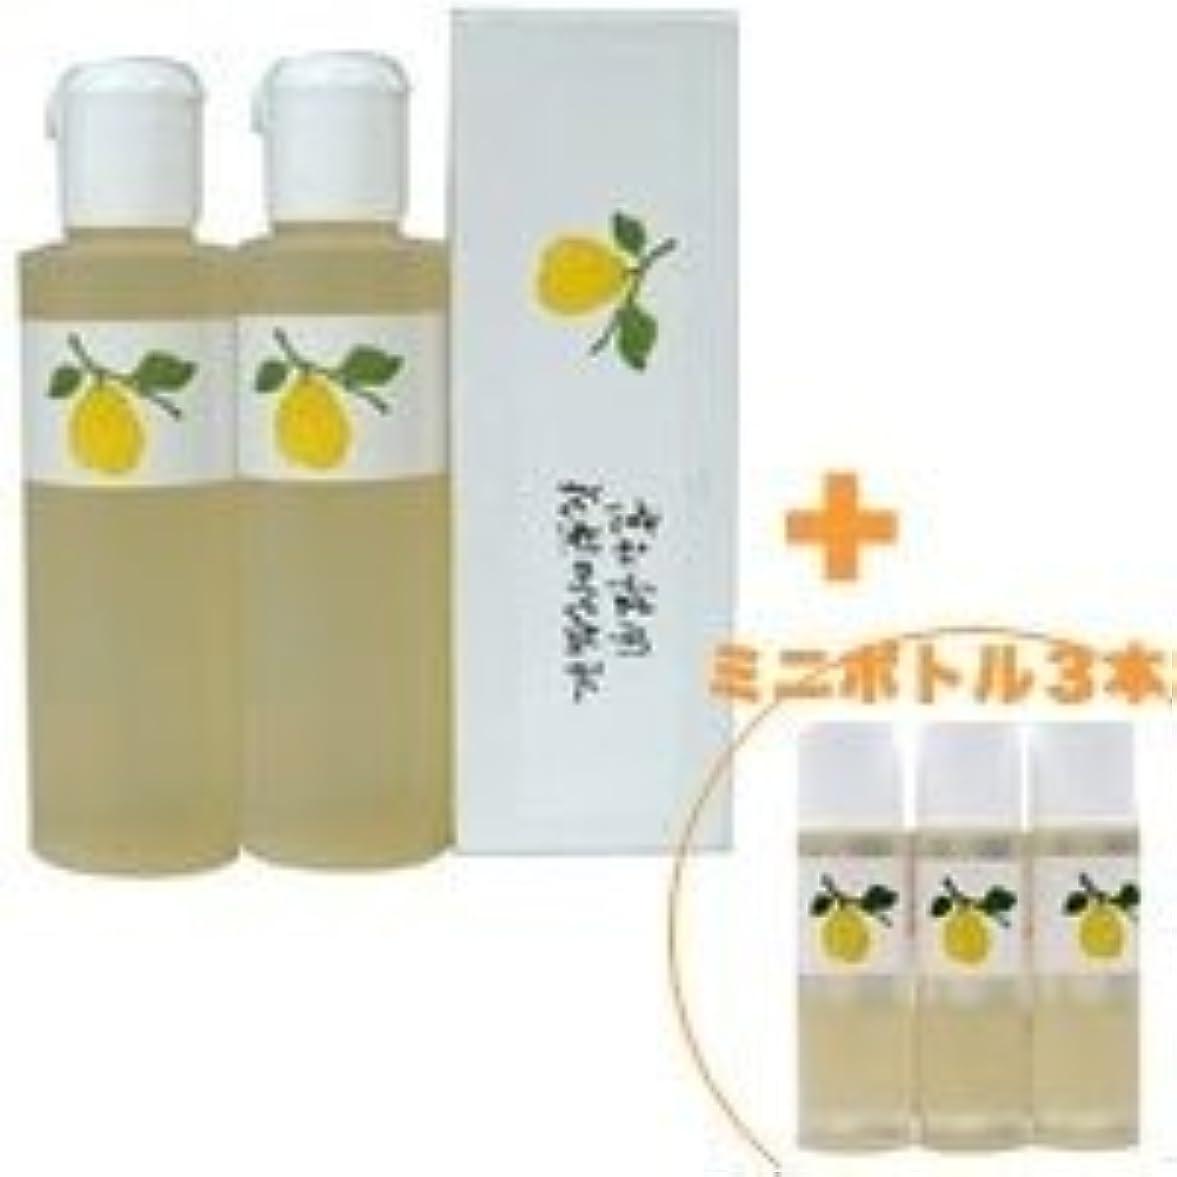 誓約シェフモンゴメリー花梨の化粧水 花梨の化粧水 200ml 2本&ミニボトル 3本